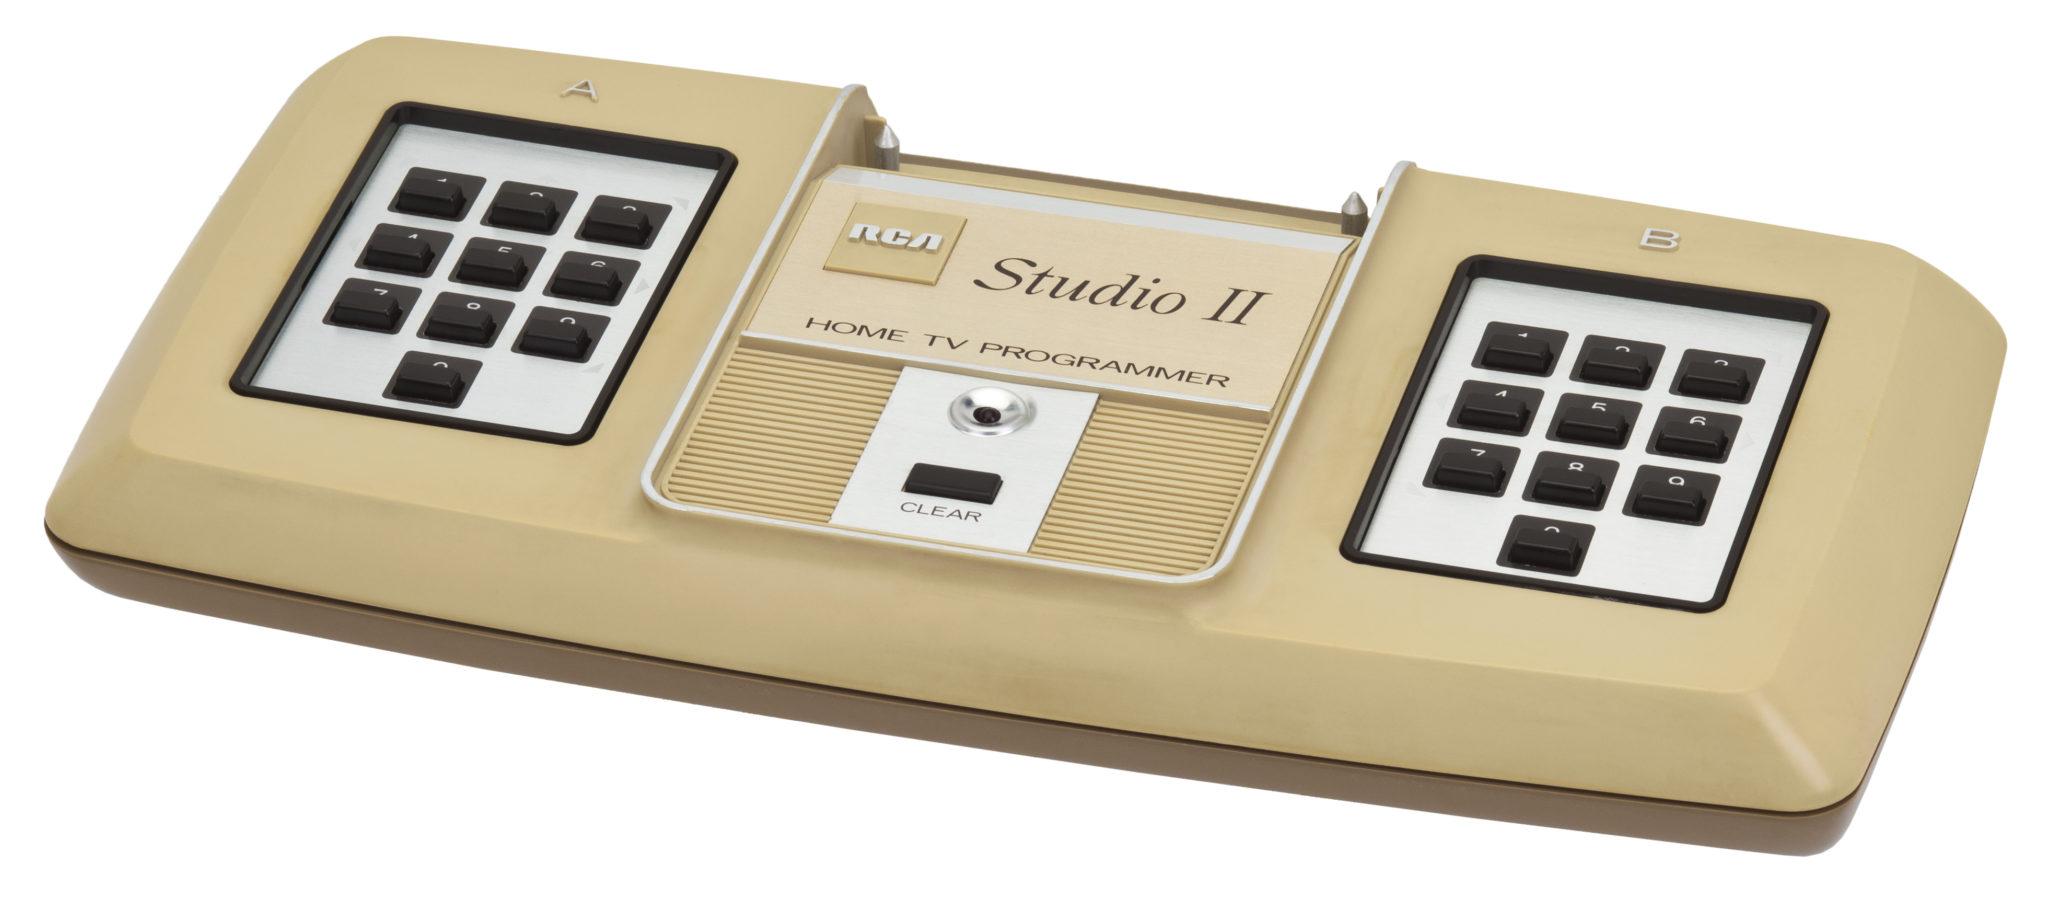 Peggiori console RCA Studio II